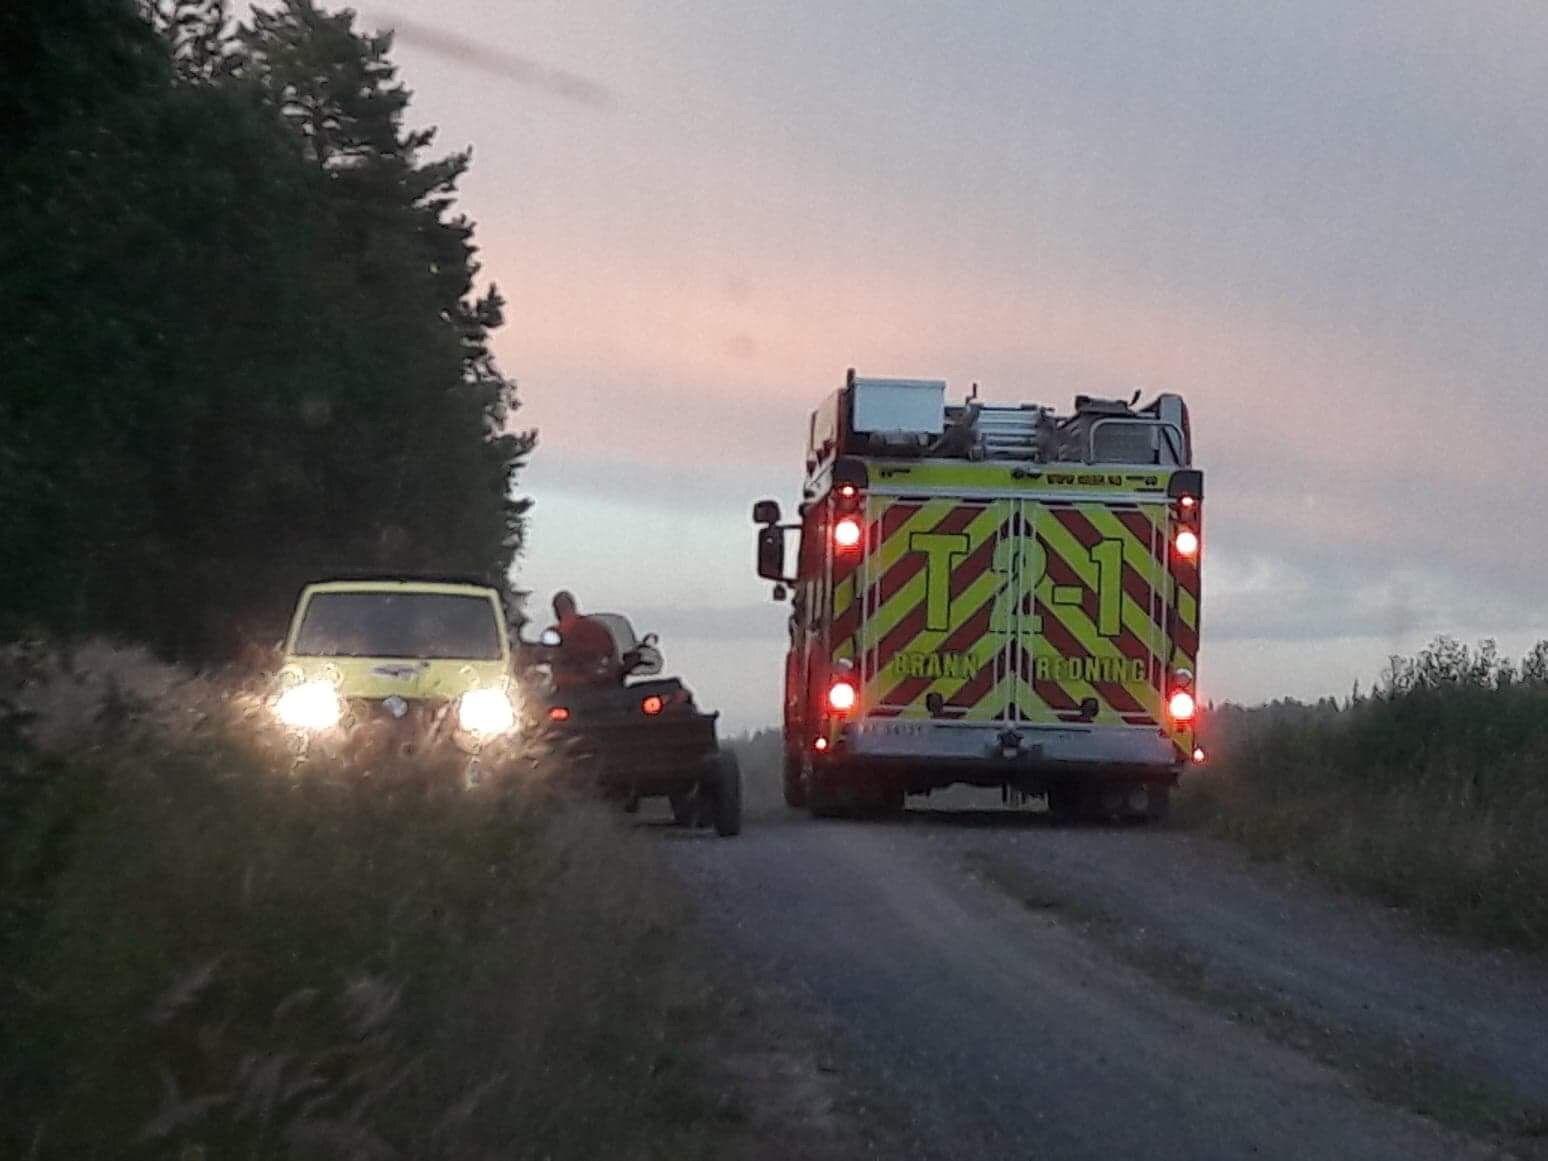 SENDT TIL SYKEHUS: Mannen i 30-årene ble funnet liggende på bakken under slukkingen av en skogbrann i Akershus i midten av juli. Dagen etter døde han på Ullevål sykehus.